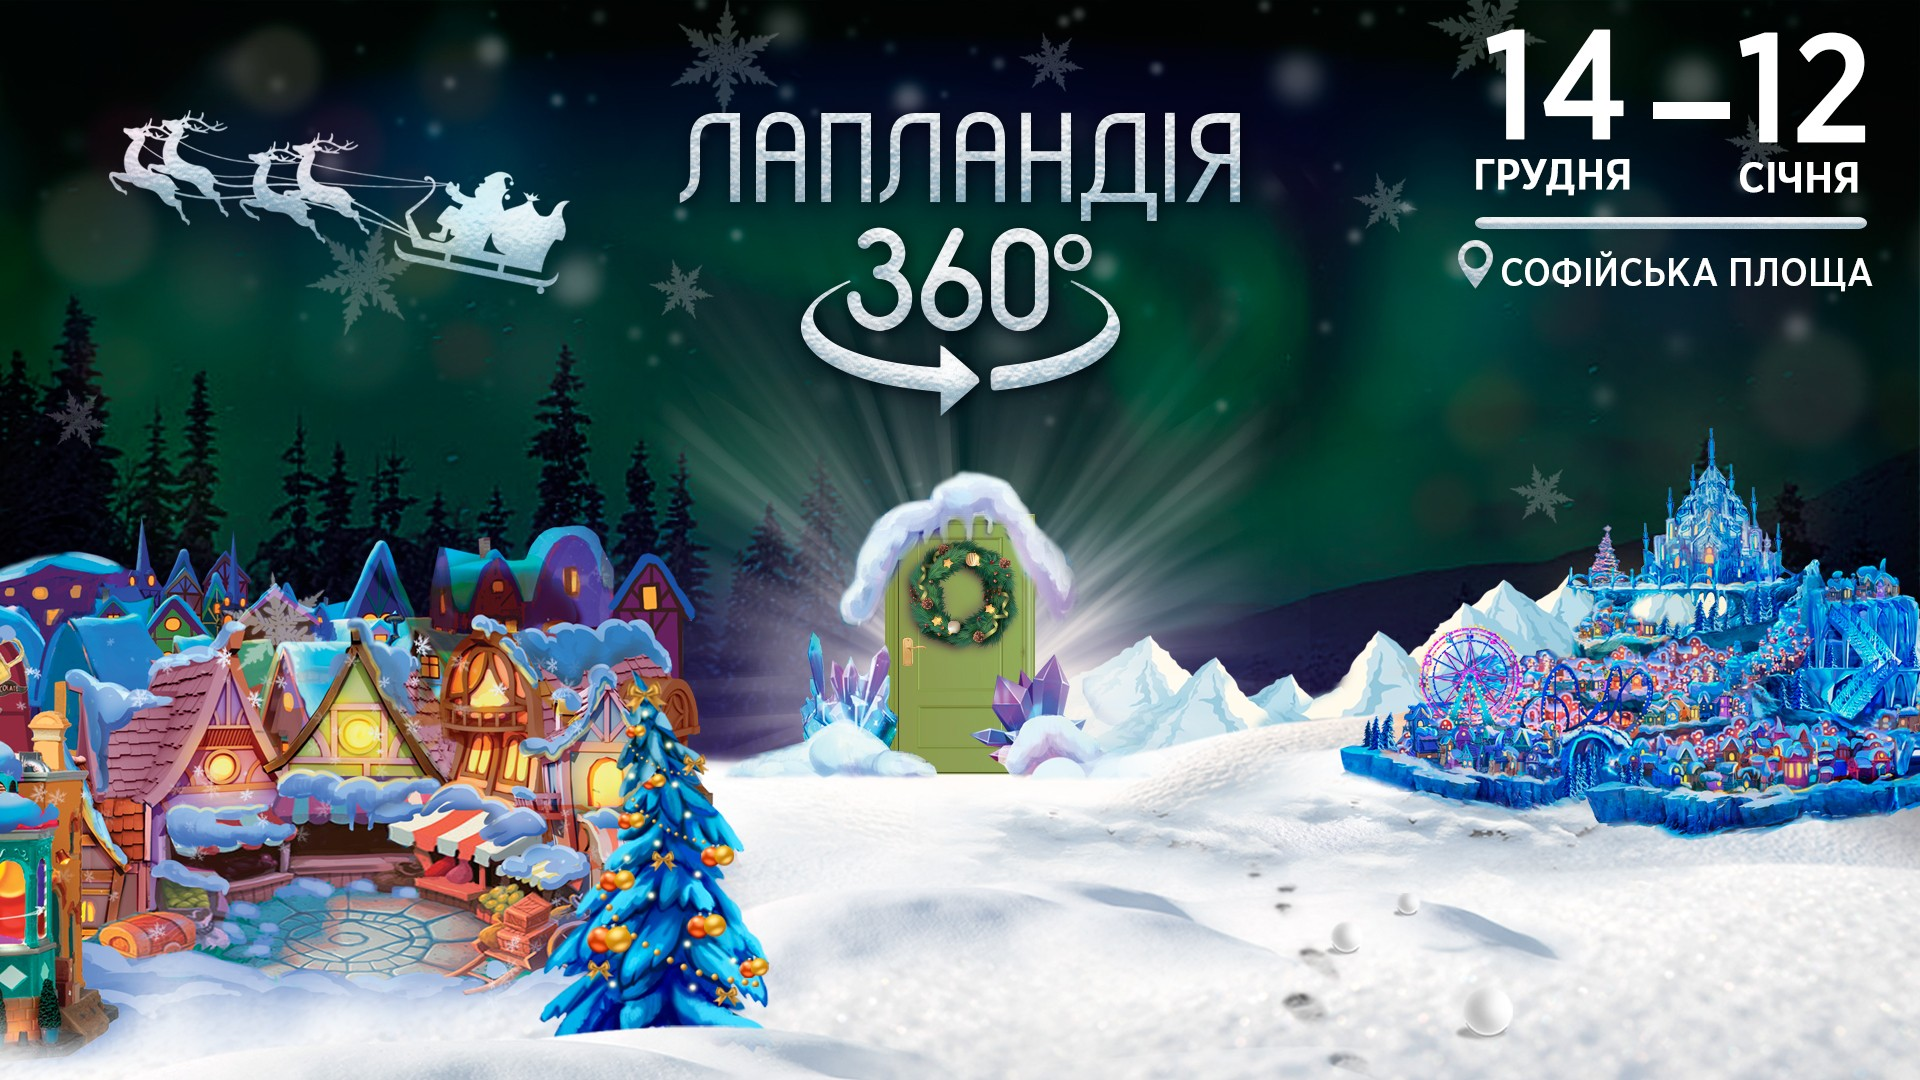 Лапландия 360 подробности